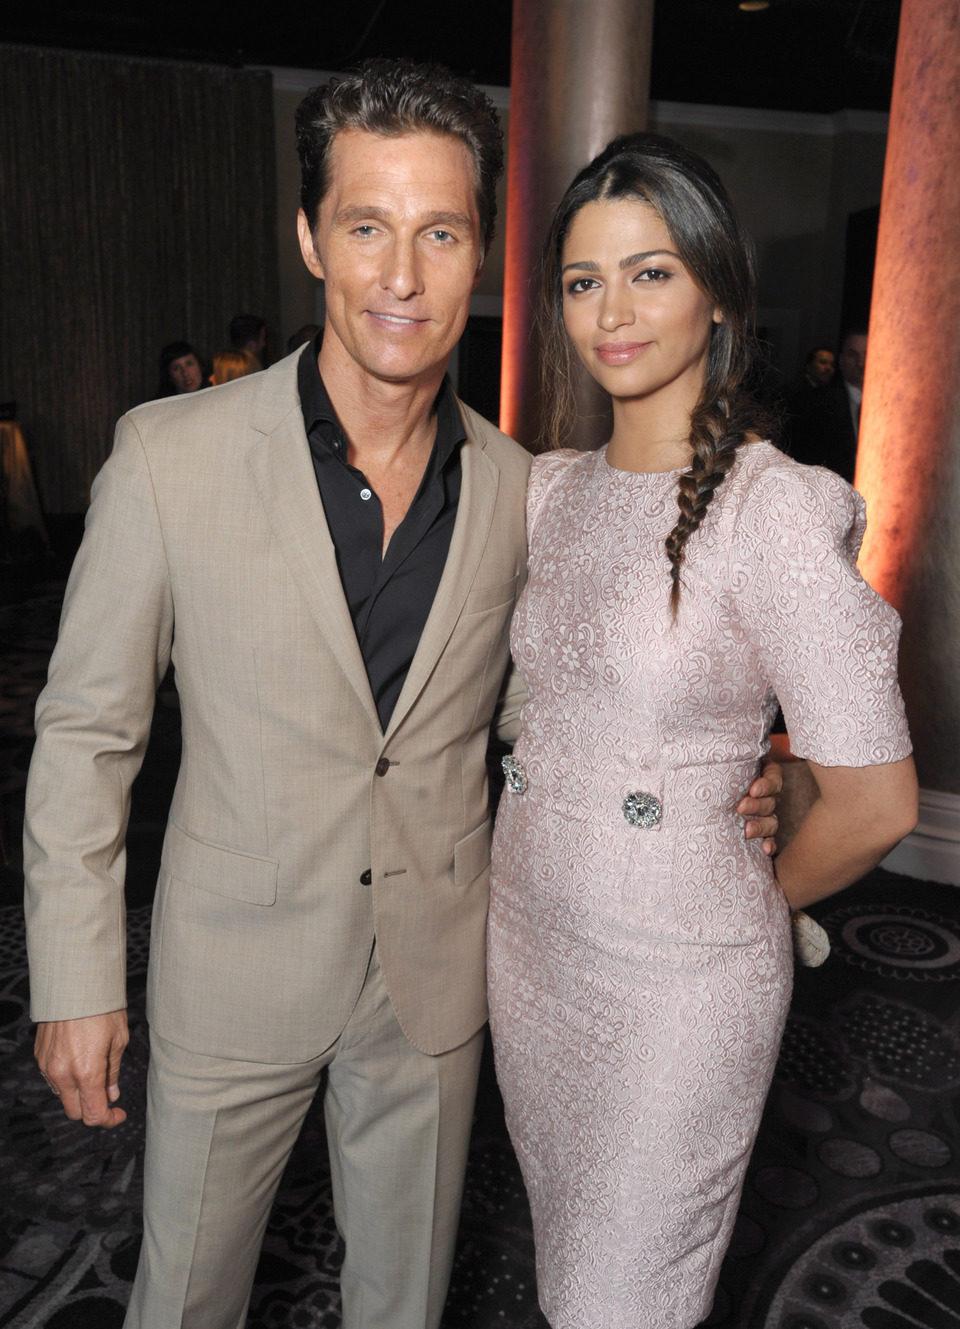 Matthew McConaughey y Camila Alves en el almuerzo de los nominados a los Premios Oscar 2014